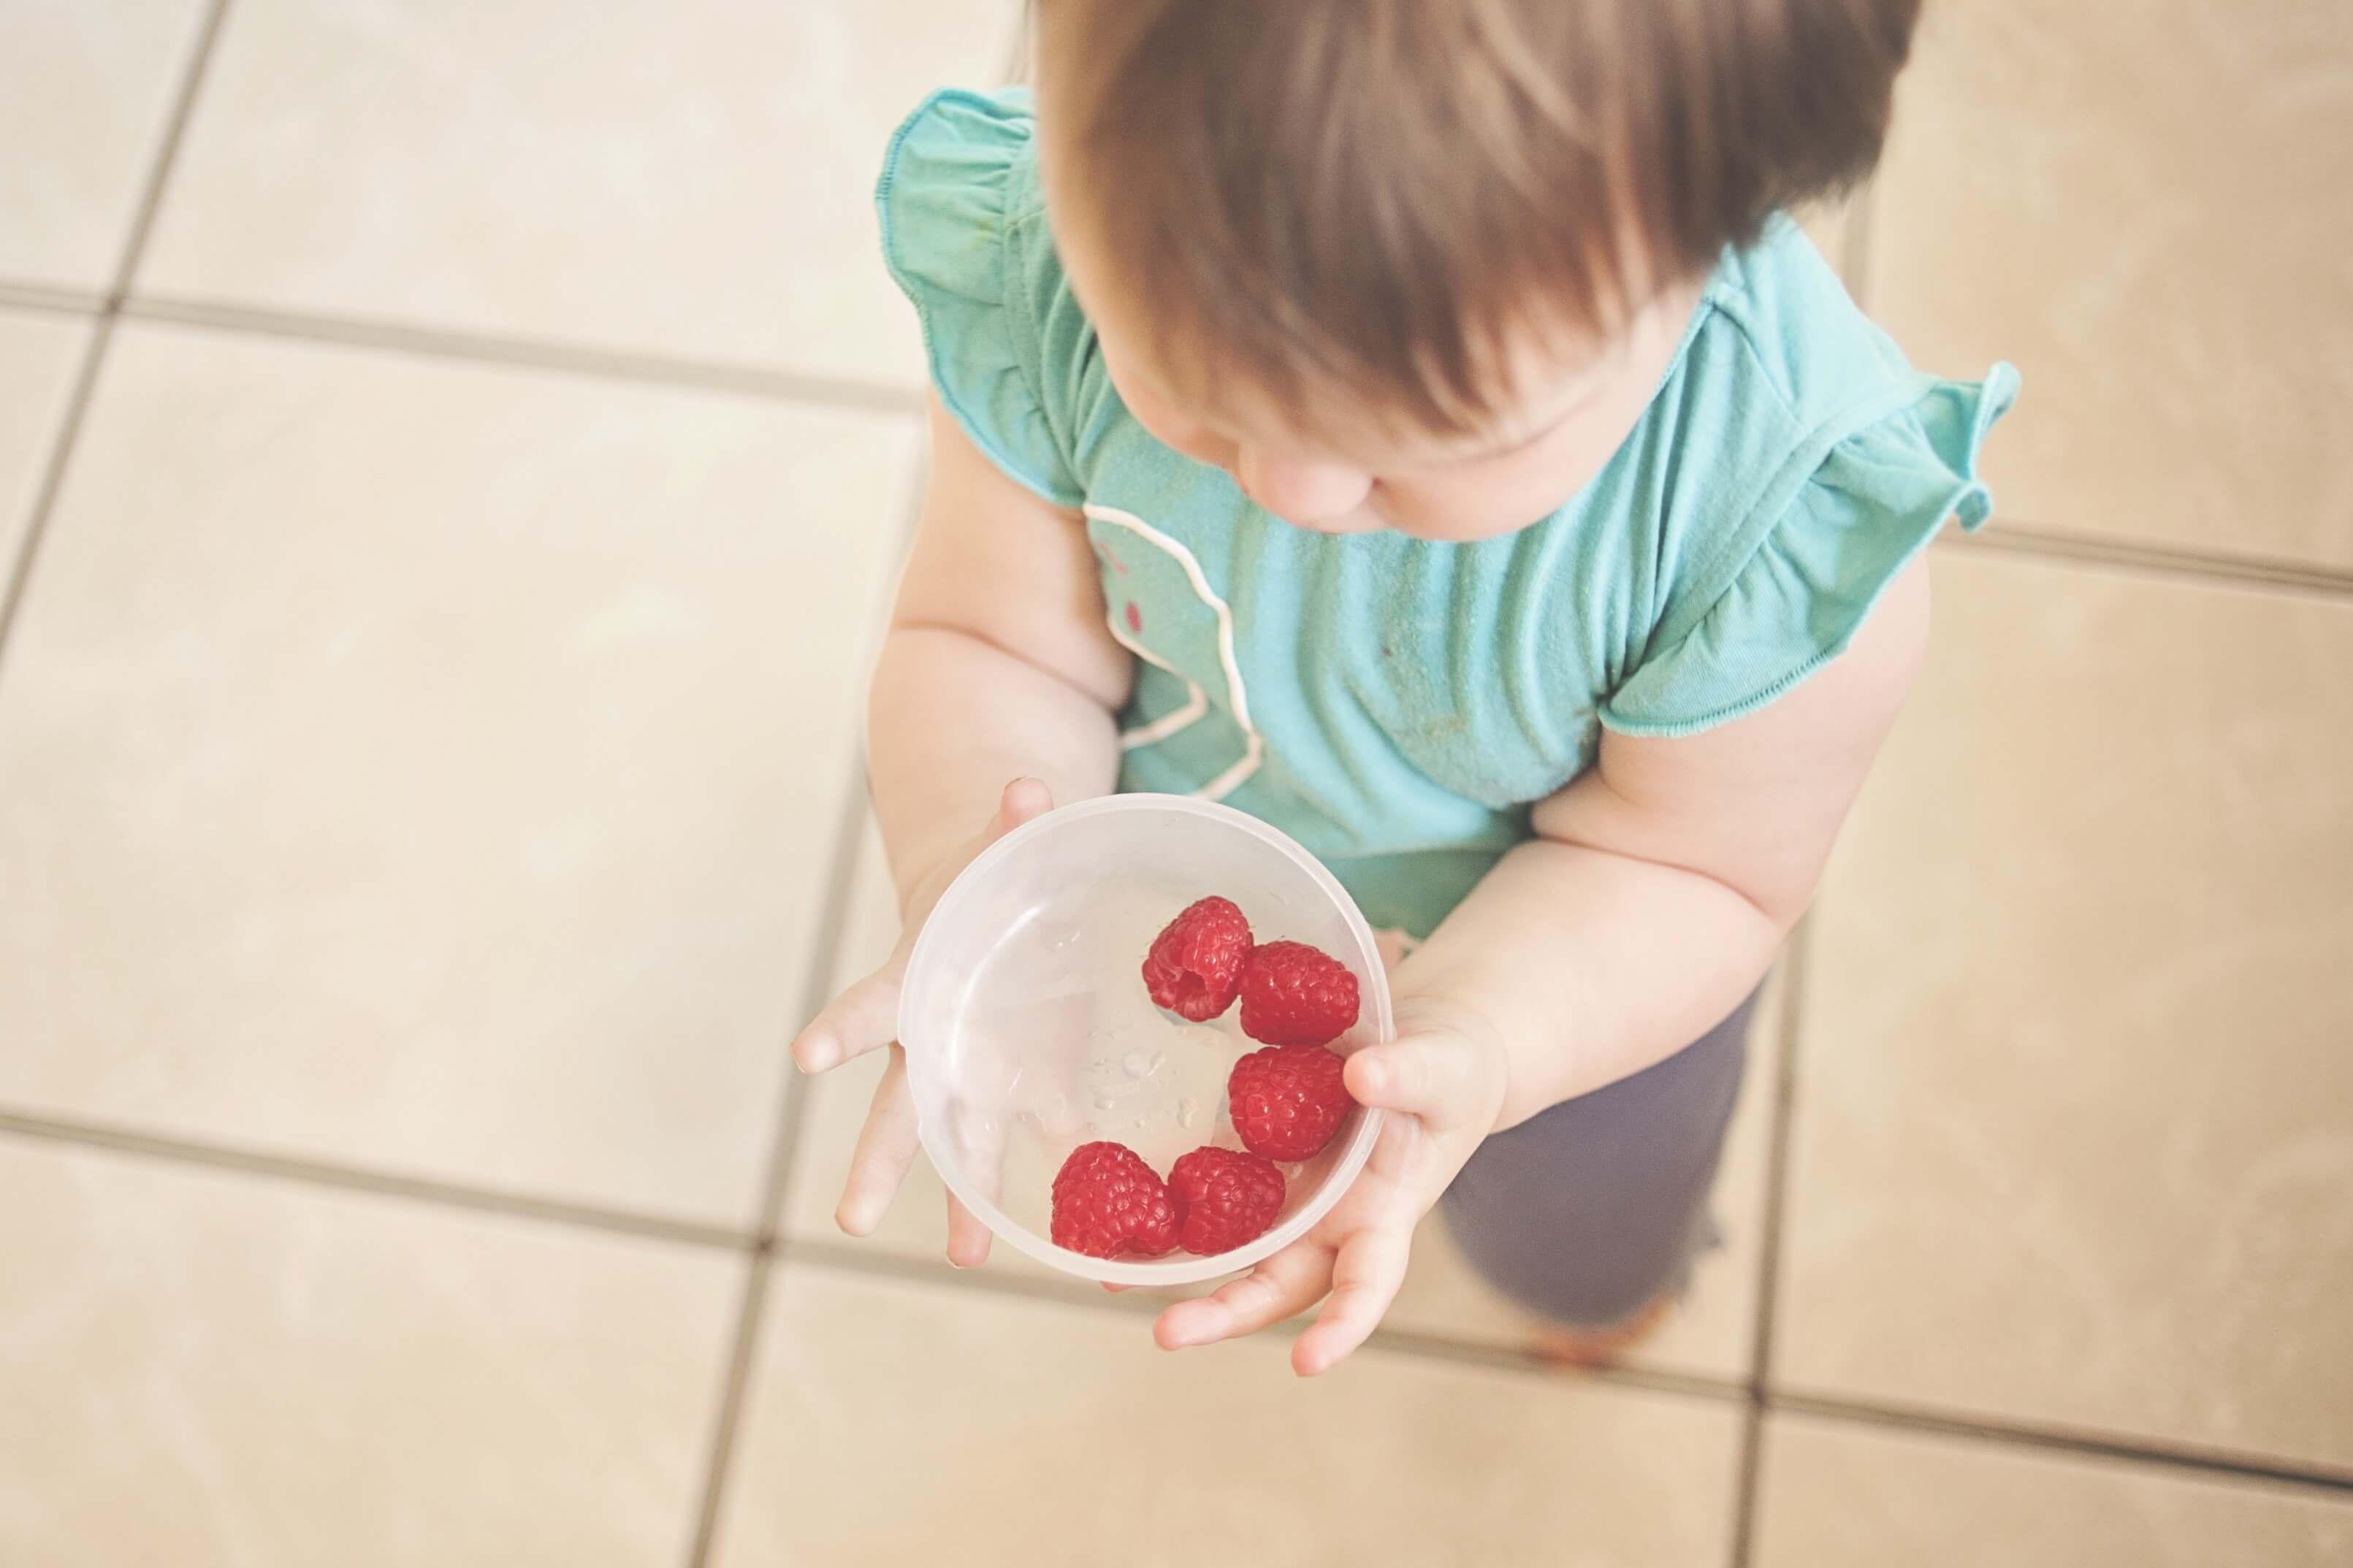 vaikas-avietes-maistas-islaikymas.jpeg